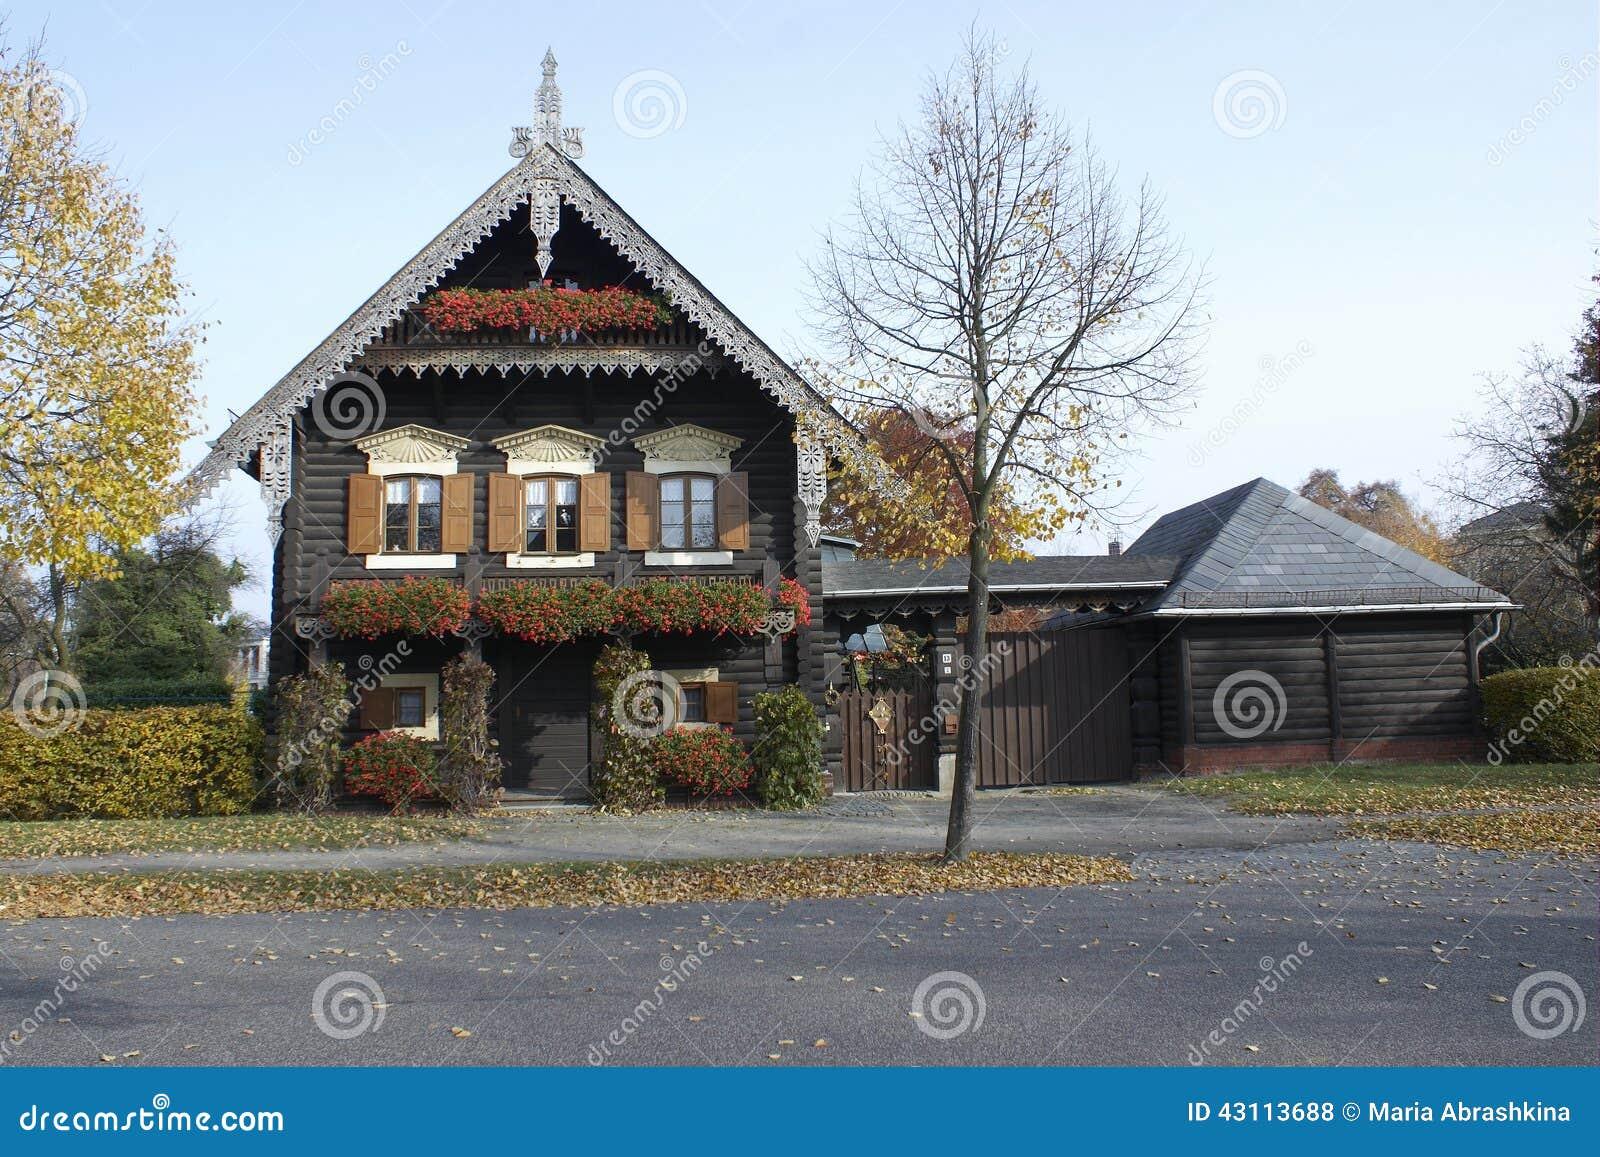 Ansprechend Russisches Holzhaus Referenz Von Pattern , Potsdam, Deutschland Stockfoto - Bild